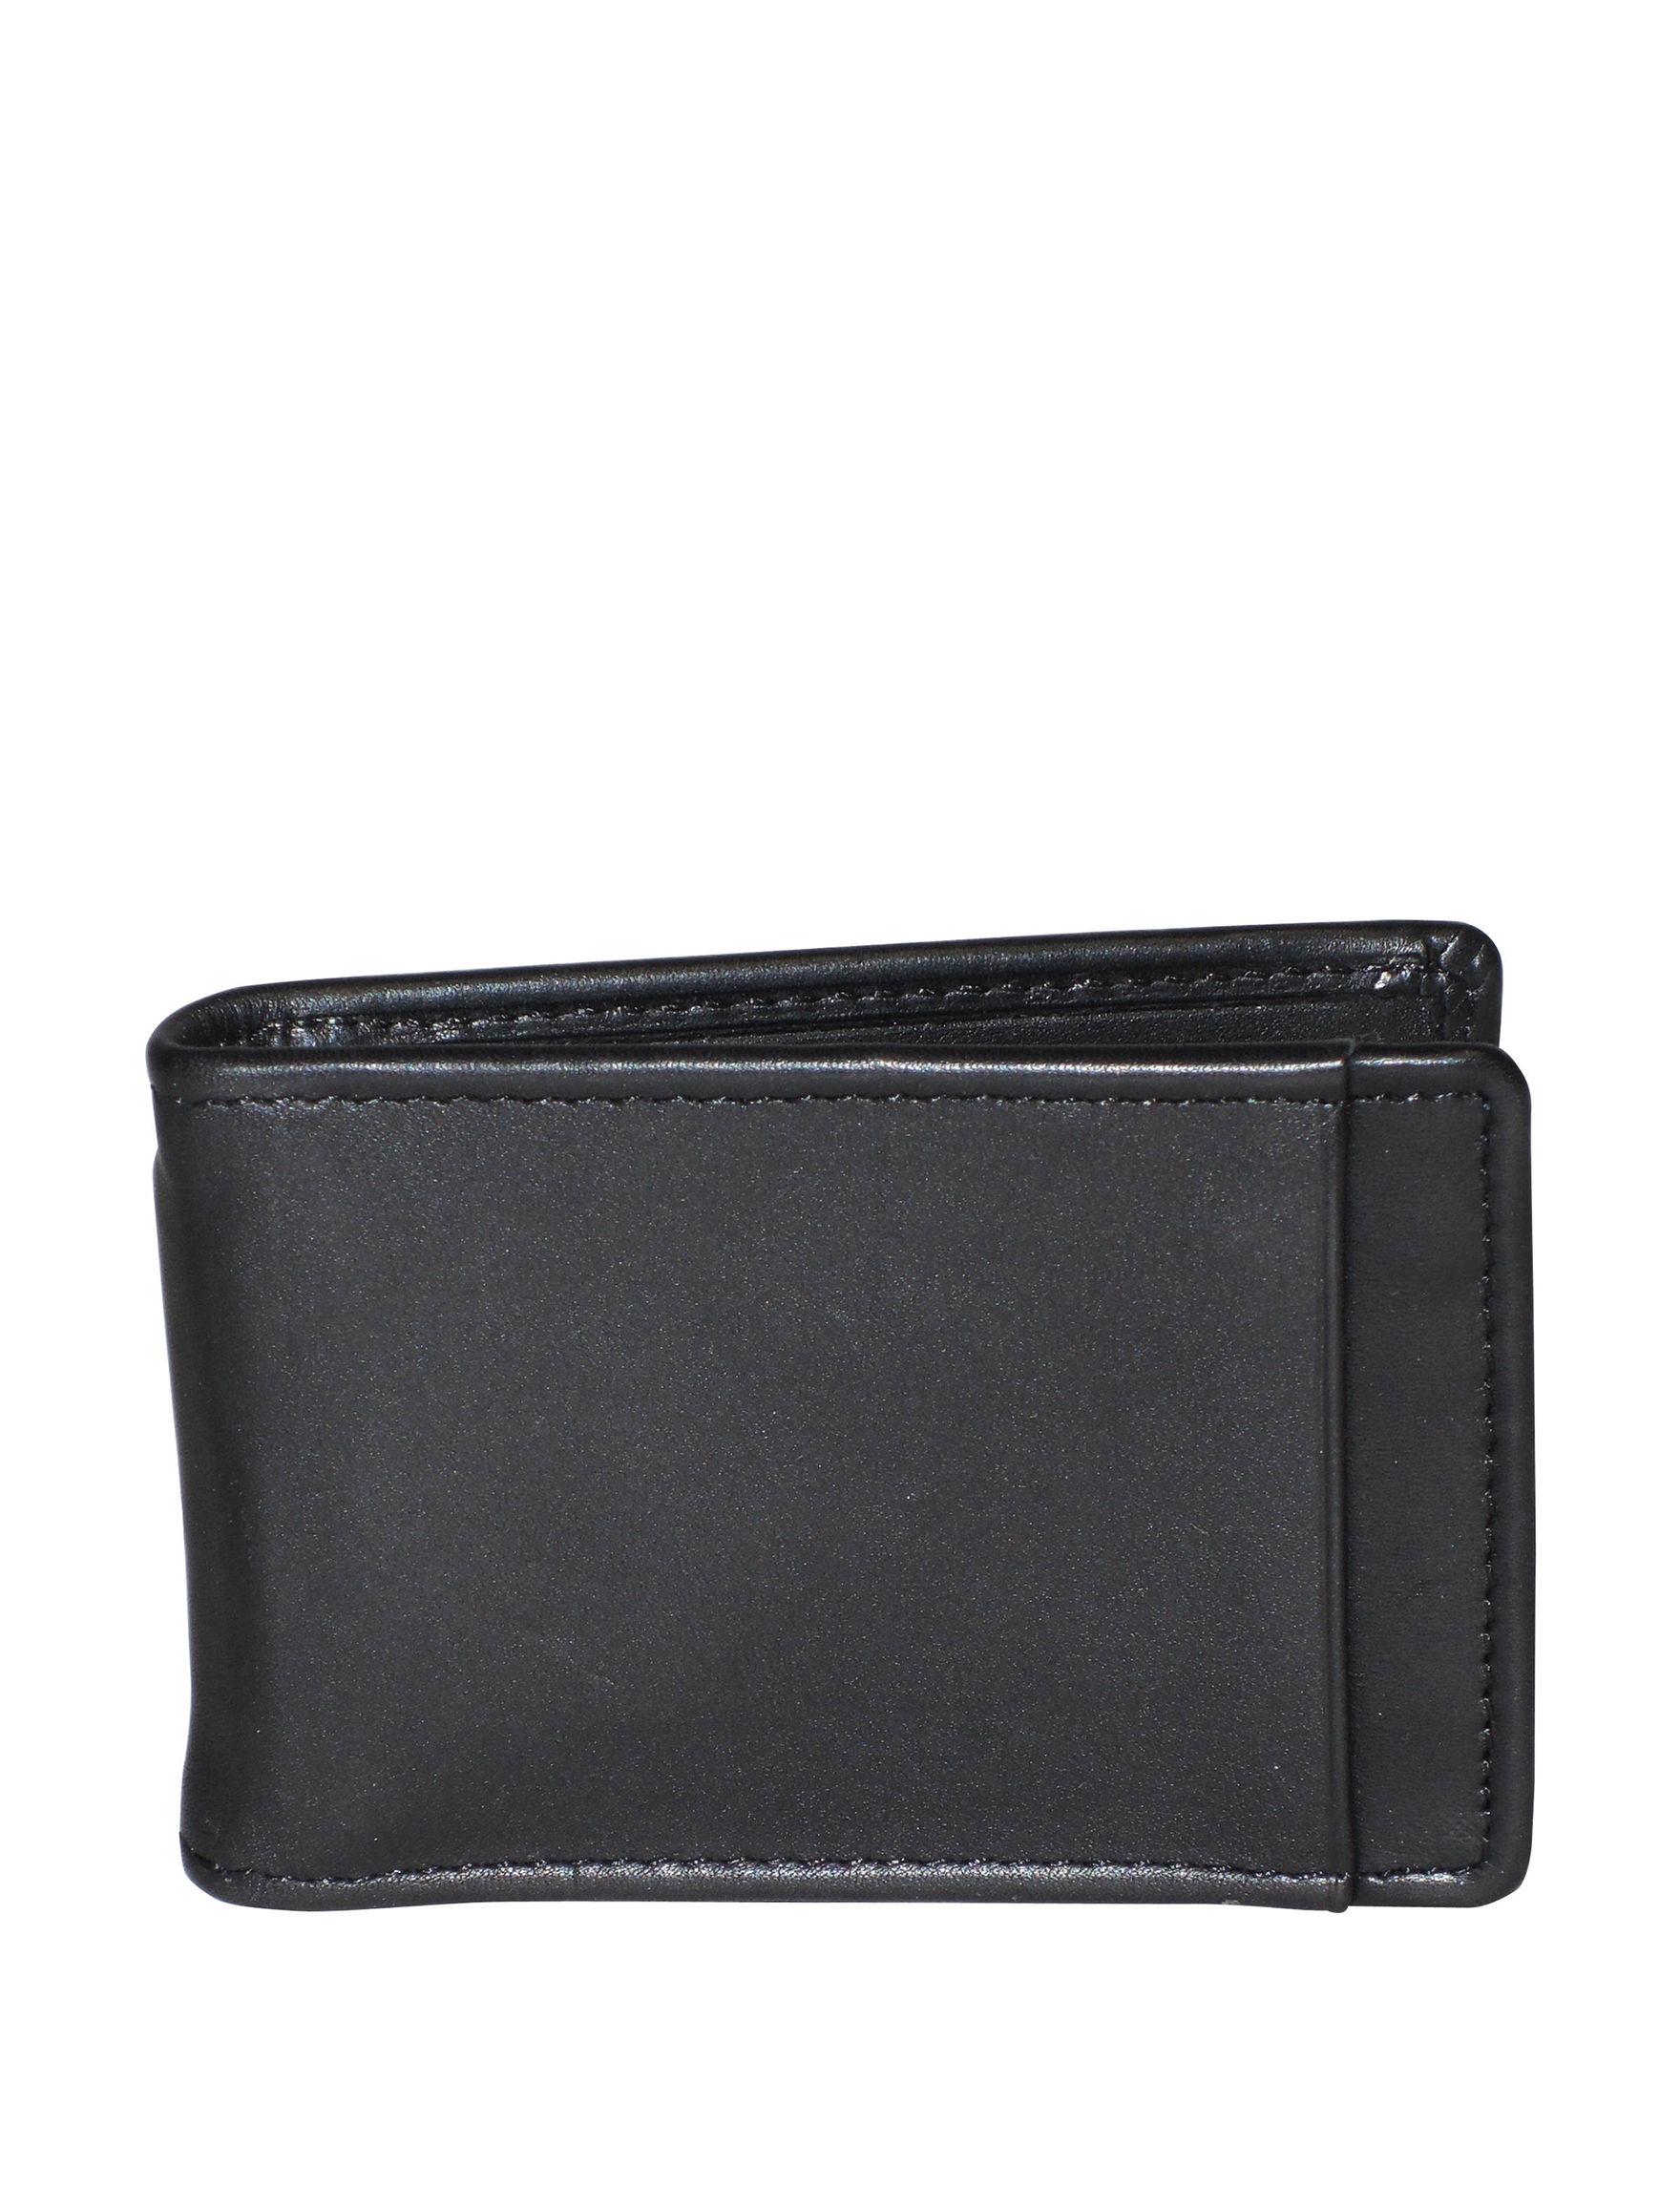 DOPP Black Bi-fold Wallets Money Clips